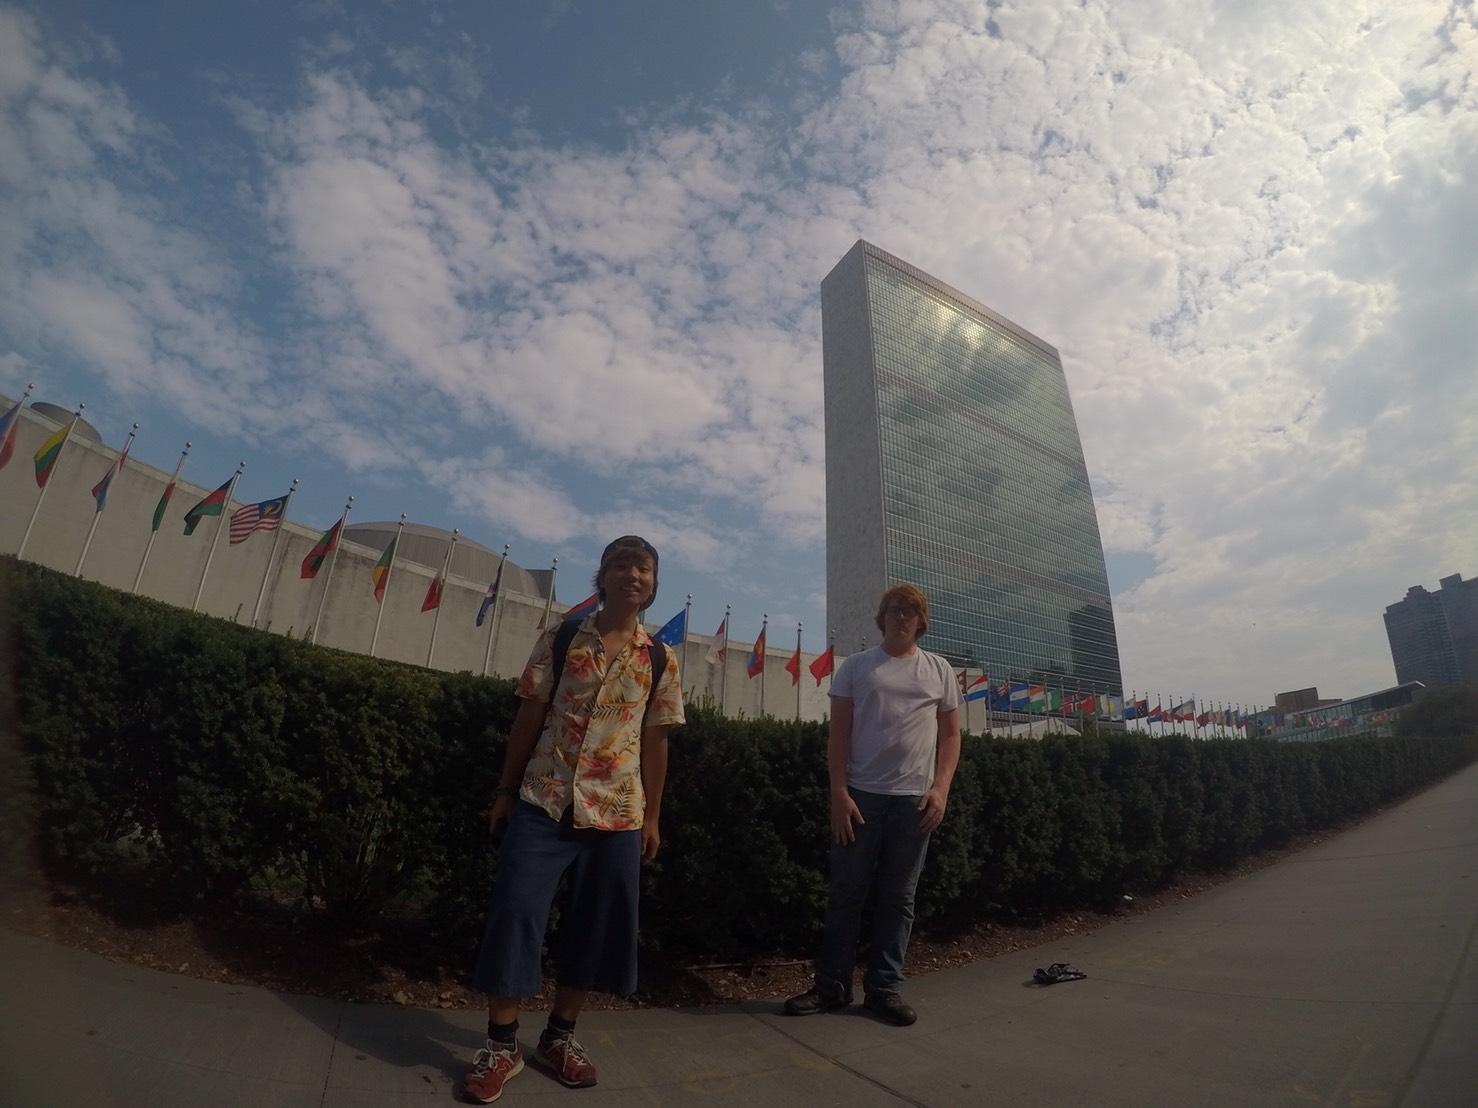 アメリカ横断中にNYに行った写真 国連